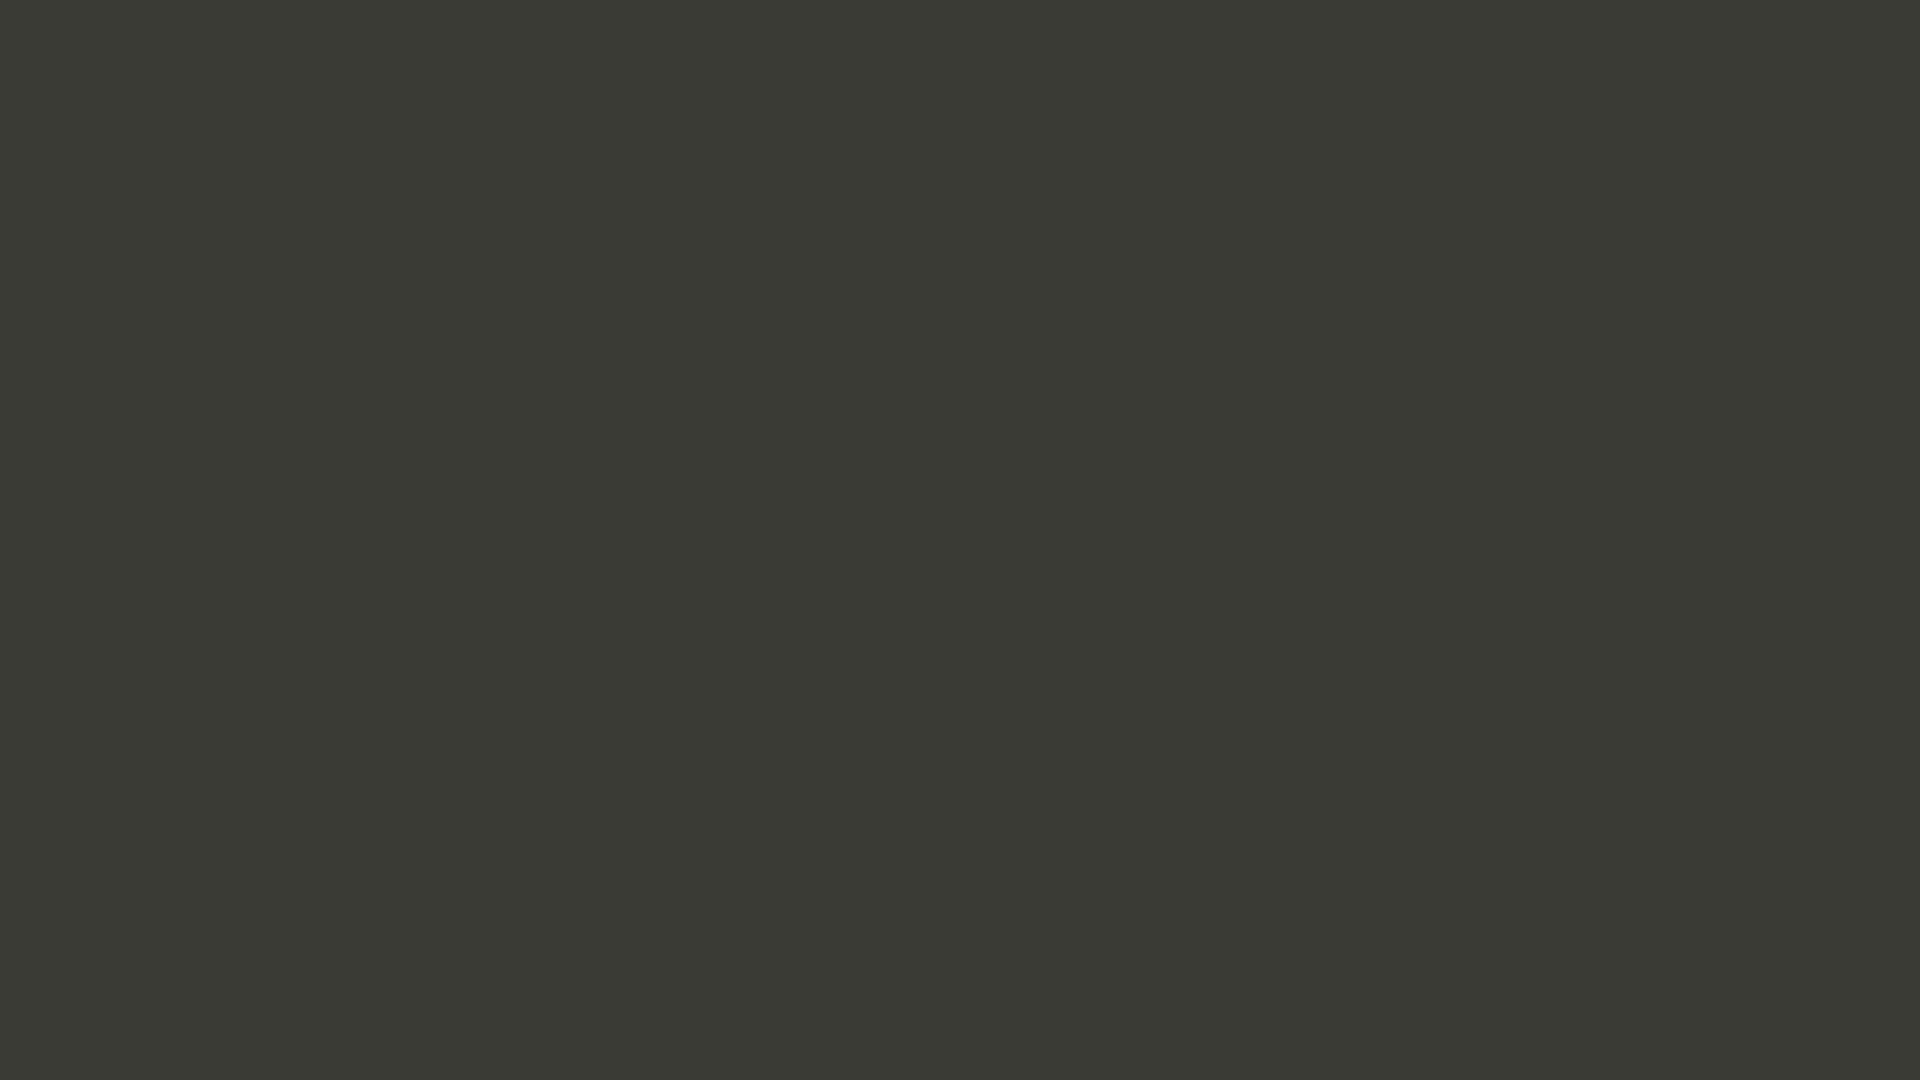 1920x1080 Black Olive Solid Color Background